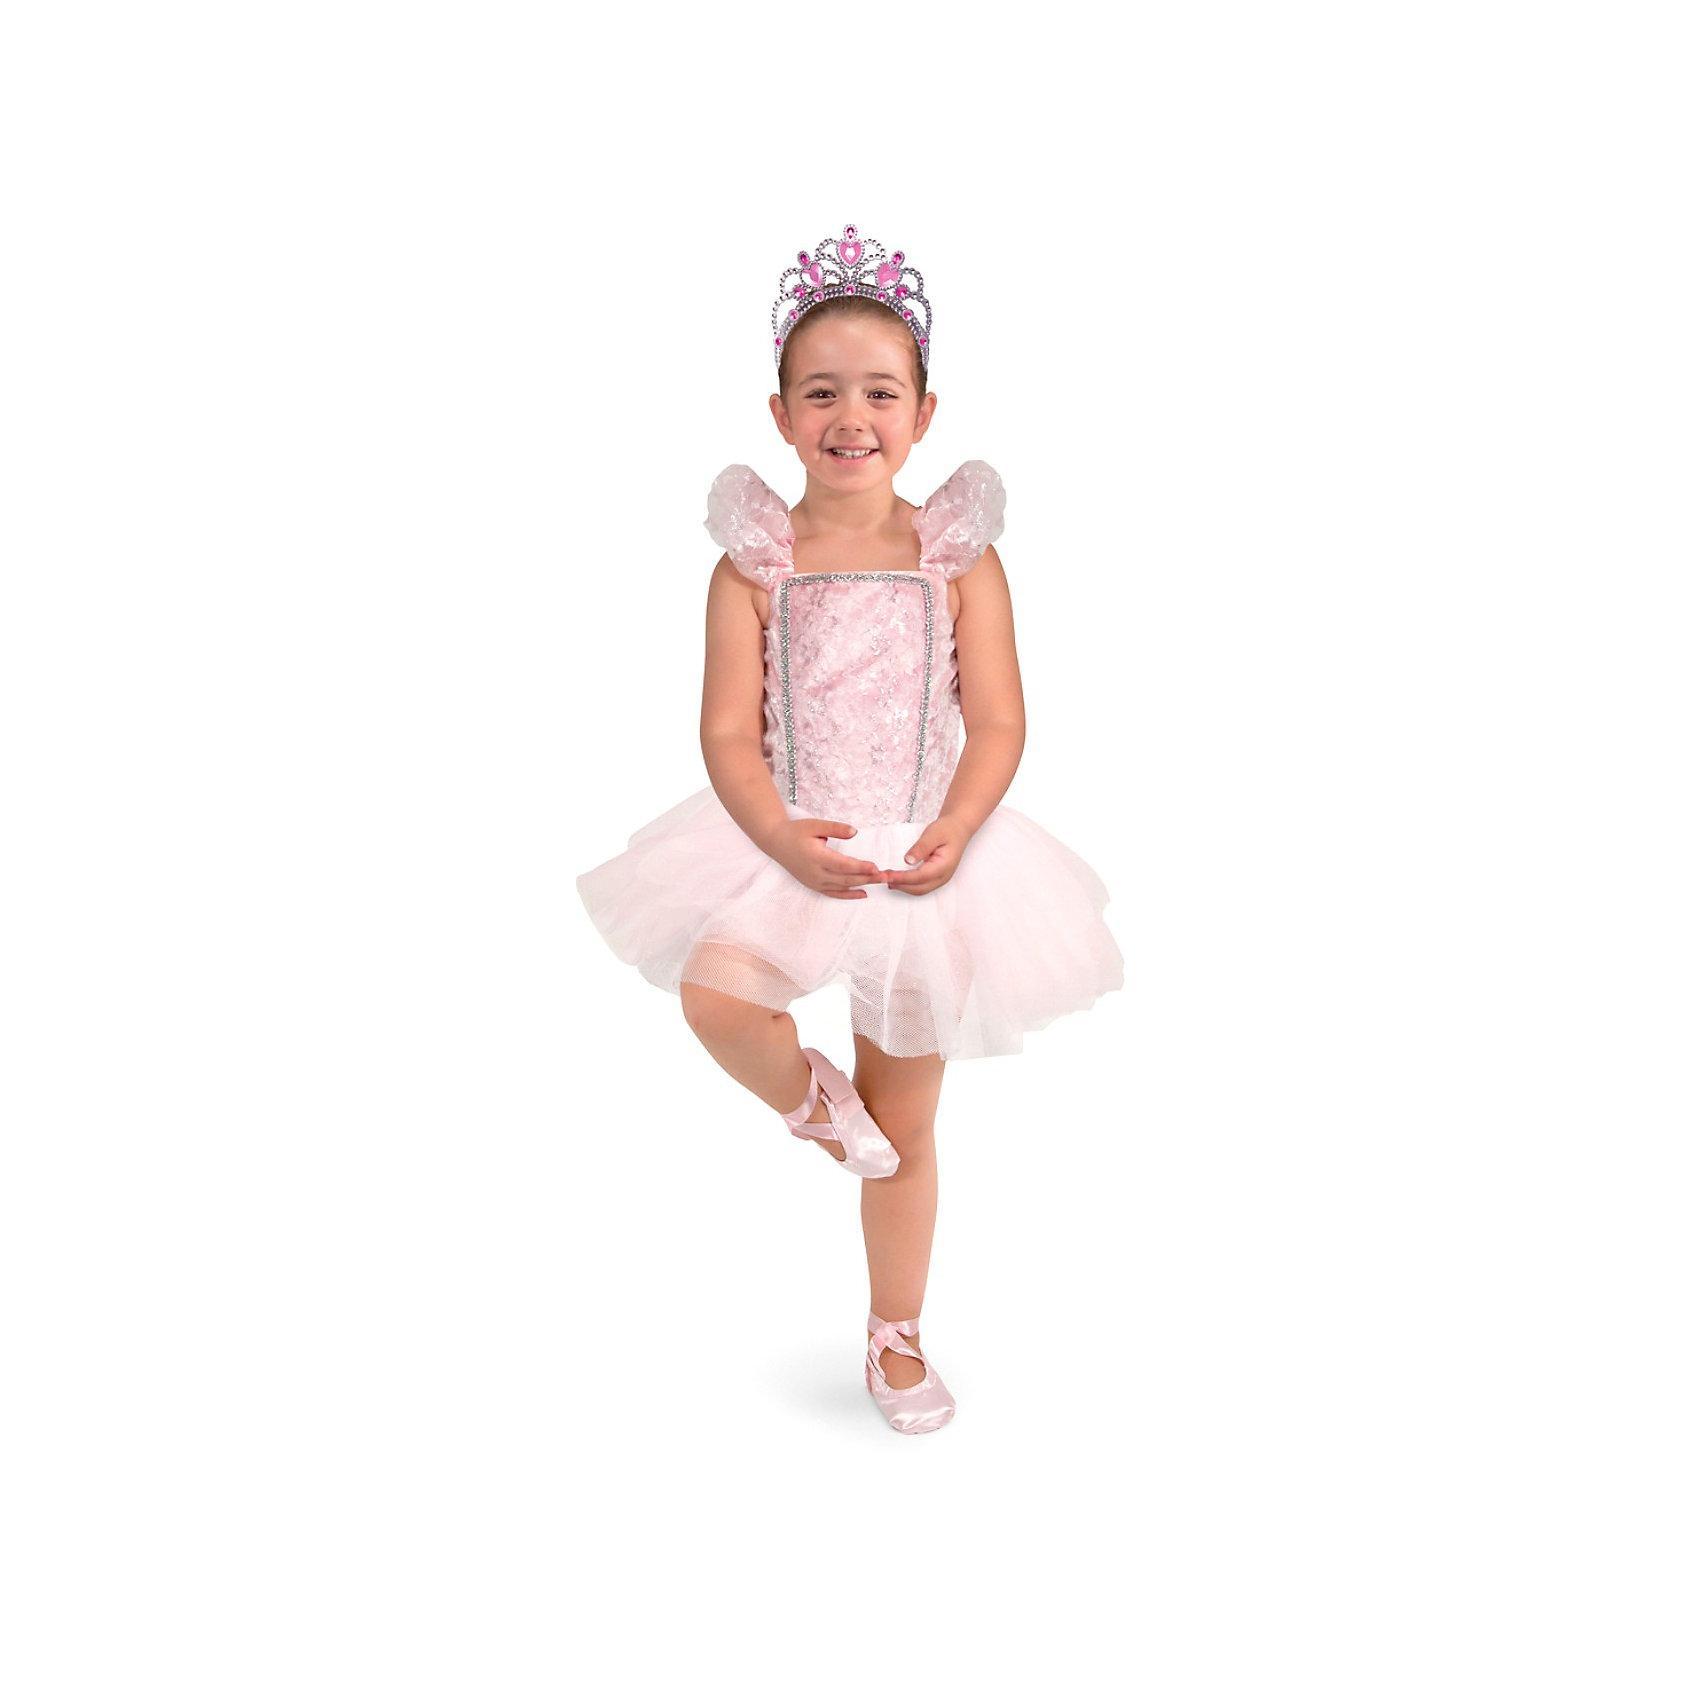 Карнавальный костюм  Балерина, Melissa &amp; DougКарнавальные костюмы и аксессуары<br>Все девочки обожают перевоплощения и танцы! Подарите Вашей девочке карнавальный костюм Балерина, Melissa &amp; Doug и счастью не будет предела. Балерины воплощение красоты и грации! Возможно только примерив замечательный костюм и тиару девочка захочет сама заниматься балетом. Карнавальный костюм Балерина прекрасно подойдет  для девочки 3-6 лет. Он будет хитом утренника в саду, новогодней вечеринки и забавной фотосессии. Подарите ребенку часы безграничной фантазии и творчества в костюме Балерина, Melissa &amp; Doug !<br><br>Дополнительная информация:<br><br>- Карнавальный костюм для девочки;<br>- В комплекте: платье балерины, пуанты, тиара;<br>- Отлично подойдет для праздников, карнавалов, вечеринок;<br>- Необычный костюм;<br>- Красочный дизайн;<br>- Размер упаковки: 46 х 2 х 60 см;<br>- Вес: 589 г<br><br>Карнавальный костюм  Балерина, Melissa &amp; Doug  можно купить в нашем интернет-магазине.<br><br>Ширина мм: 460<br>Глубина мм: 20<br>Высота мм: 600<br>Вес г: 589<br>Возраст от месяцев: 36<br>Возраст до месяцев: 72<br>Пол: Женский<br>Возраст: Детский<br>SKU: 3861972